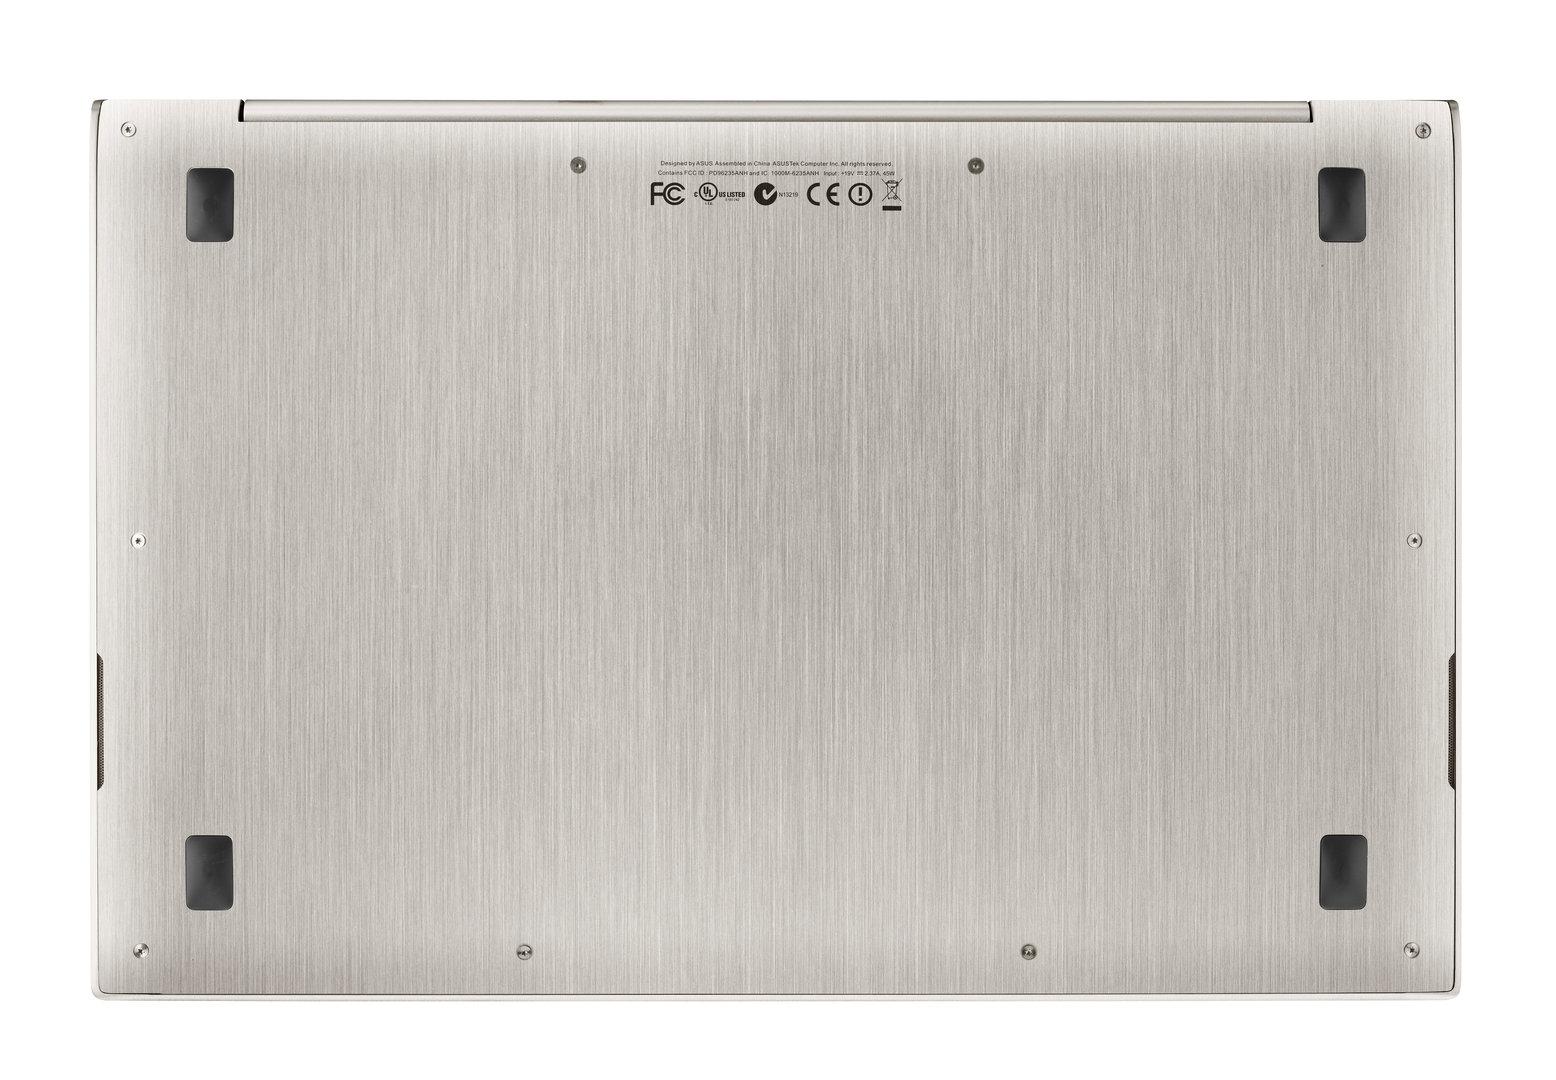 Asus Zenbook Prime UX21A